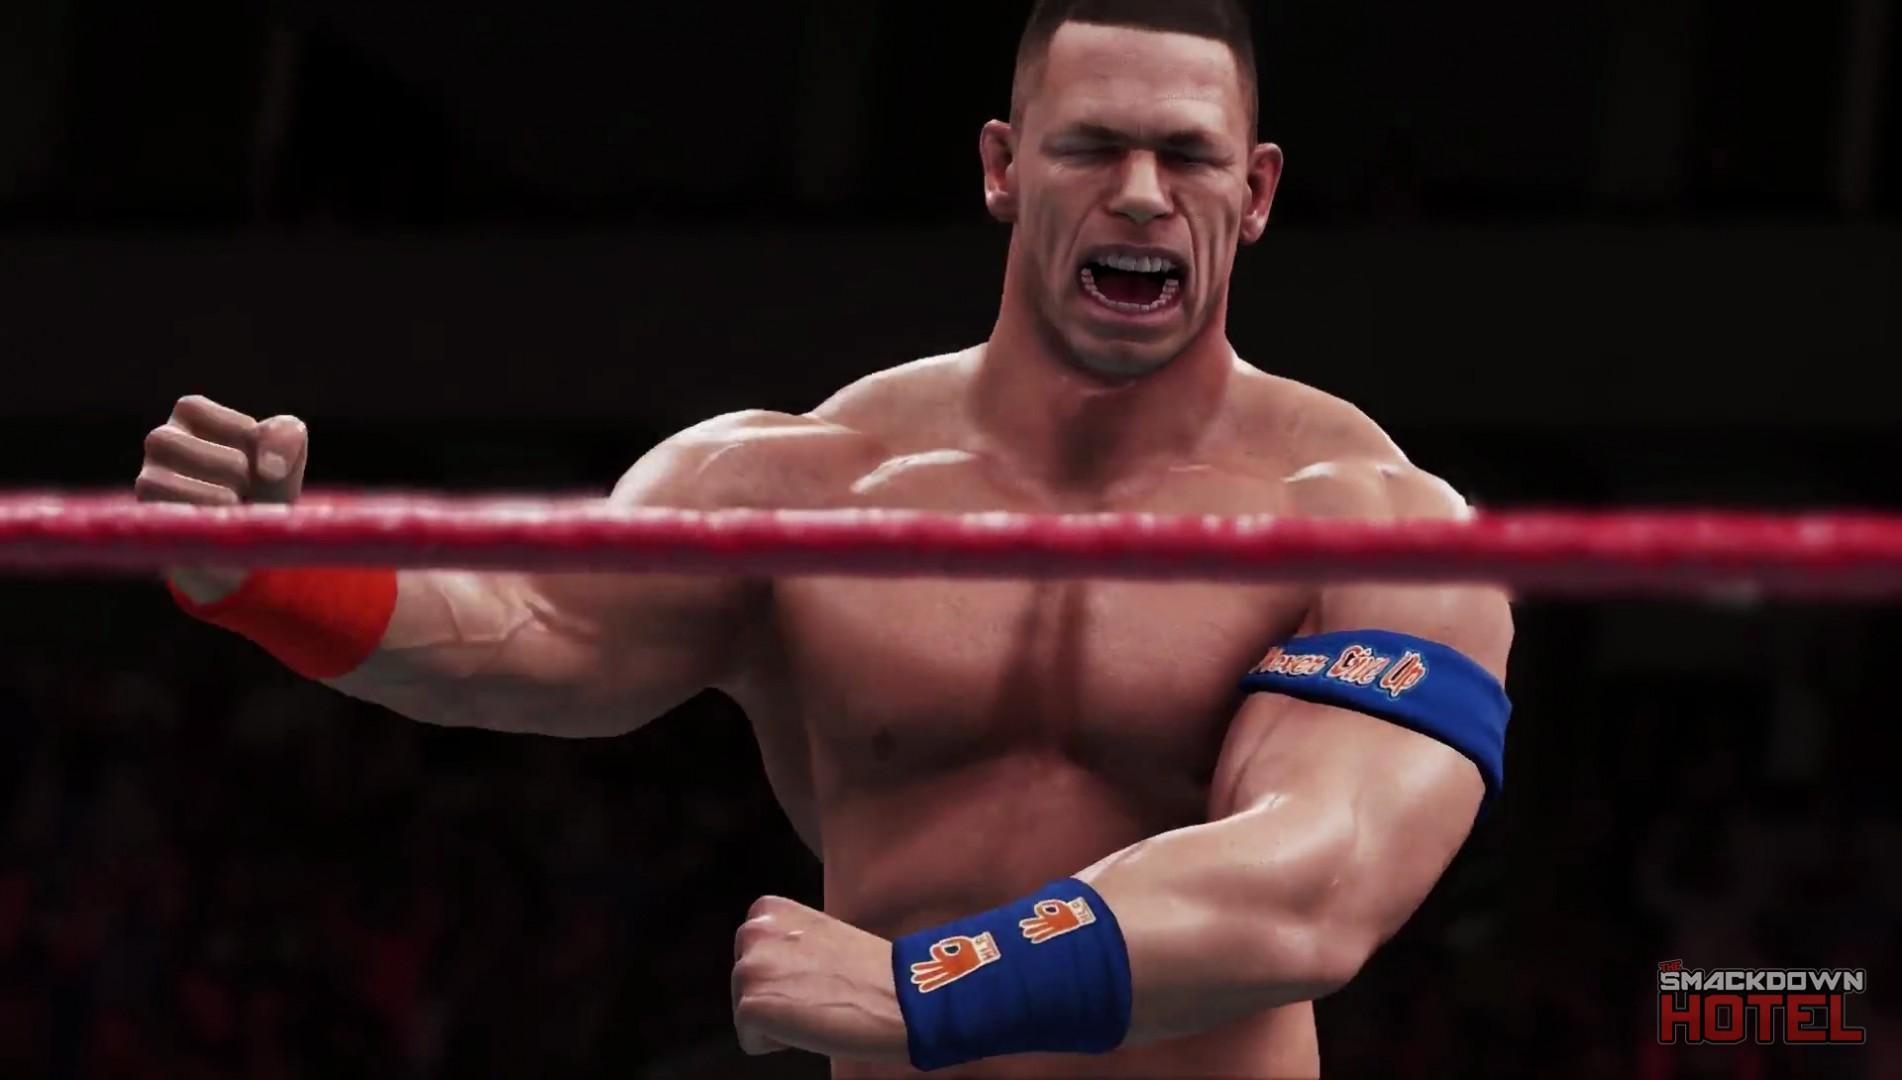 Bodymeasurementswwenaomi: WWE 2K18